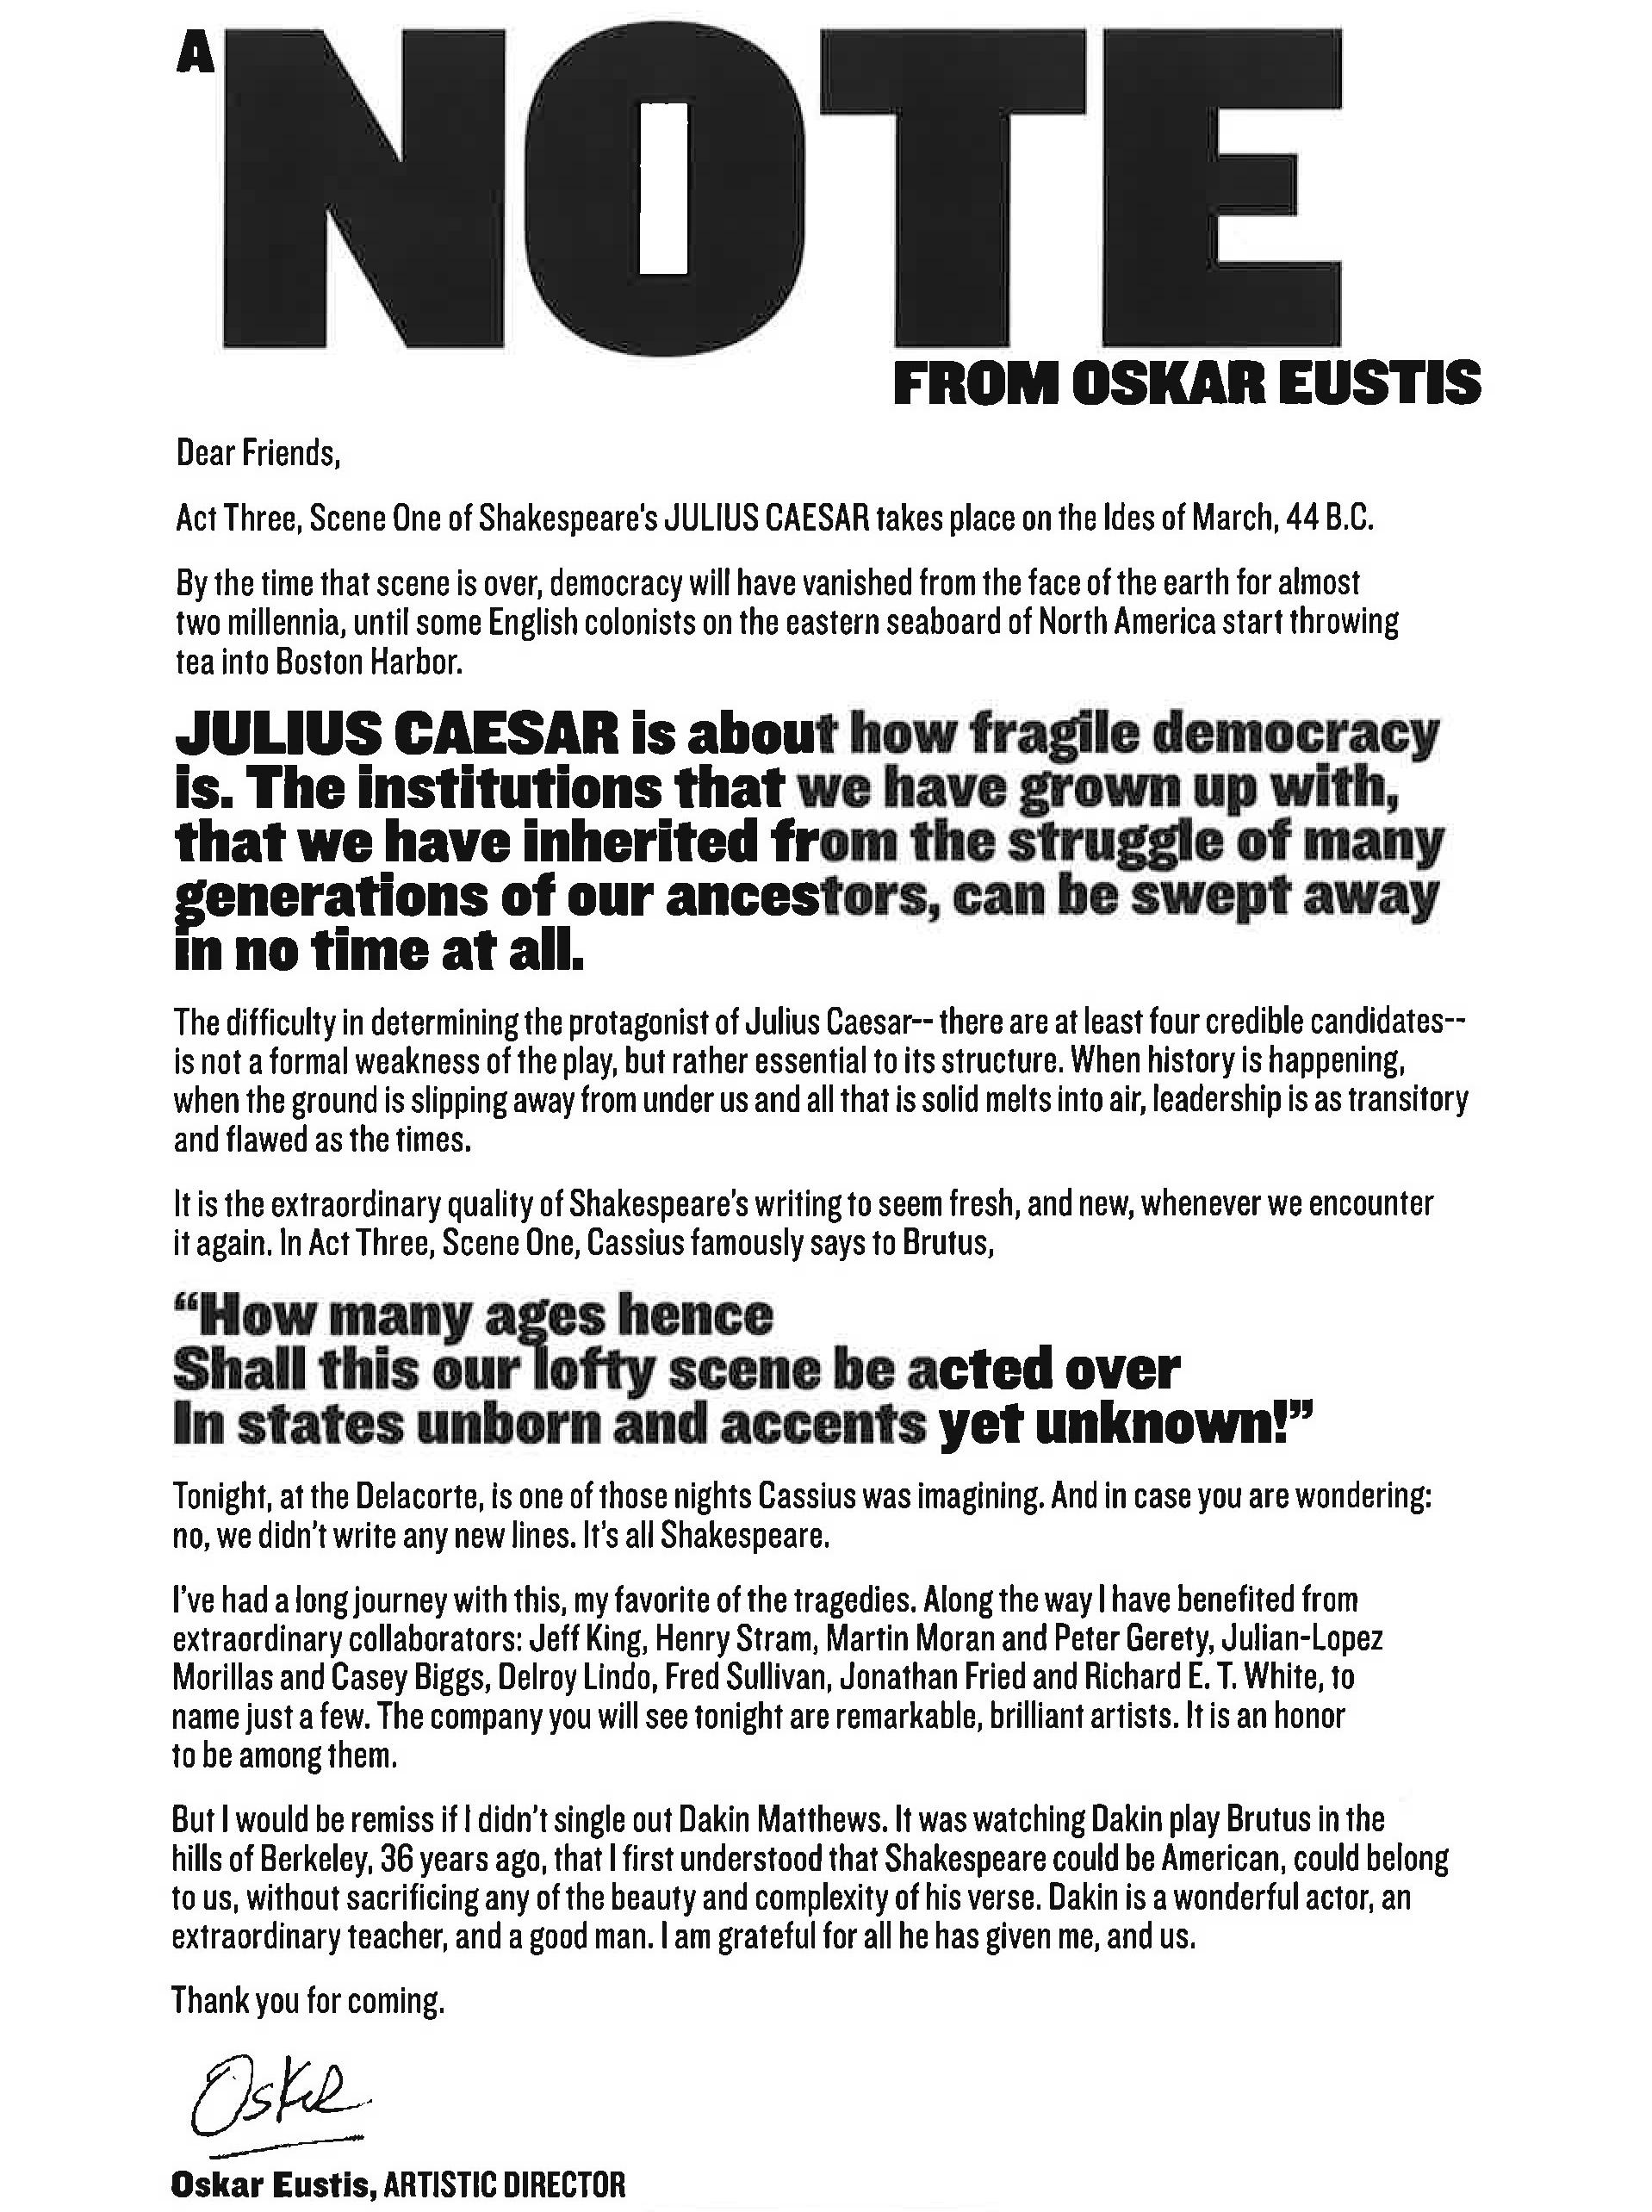 A Letter from Oskar Eustis